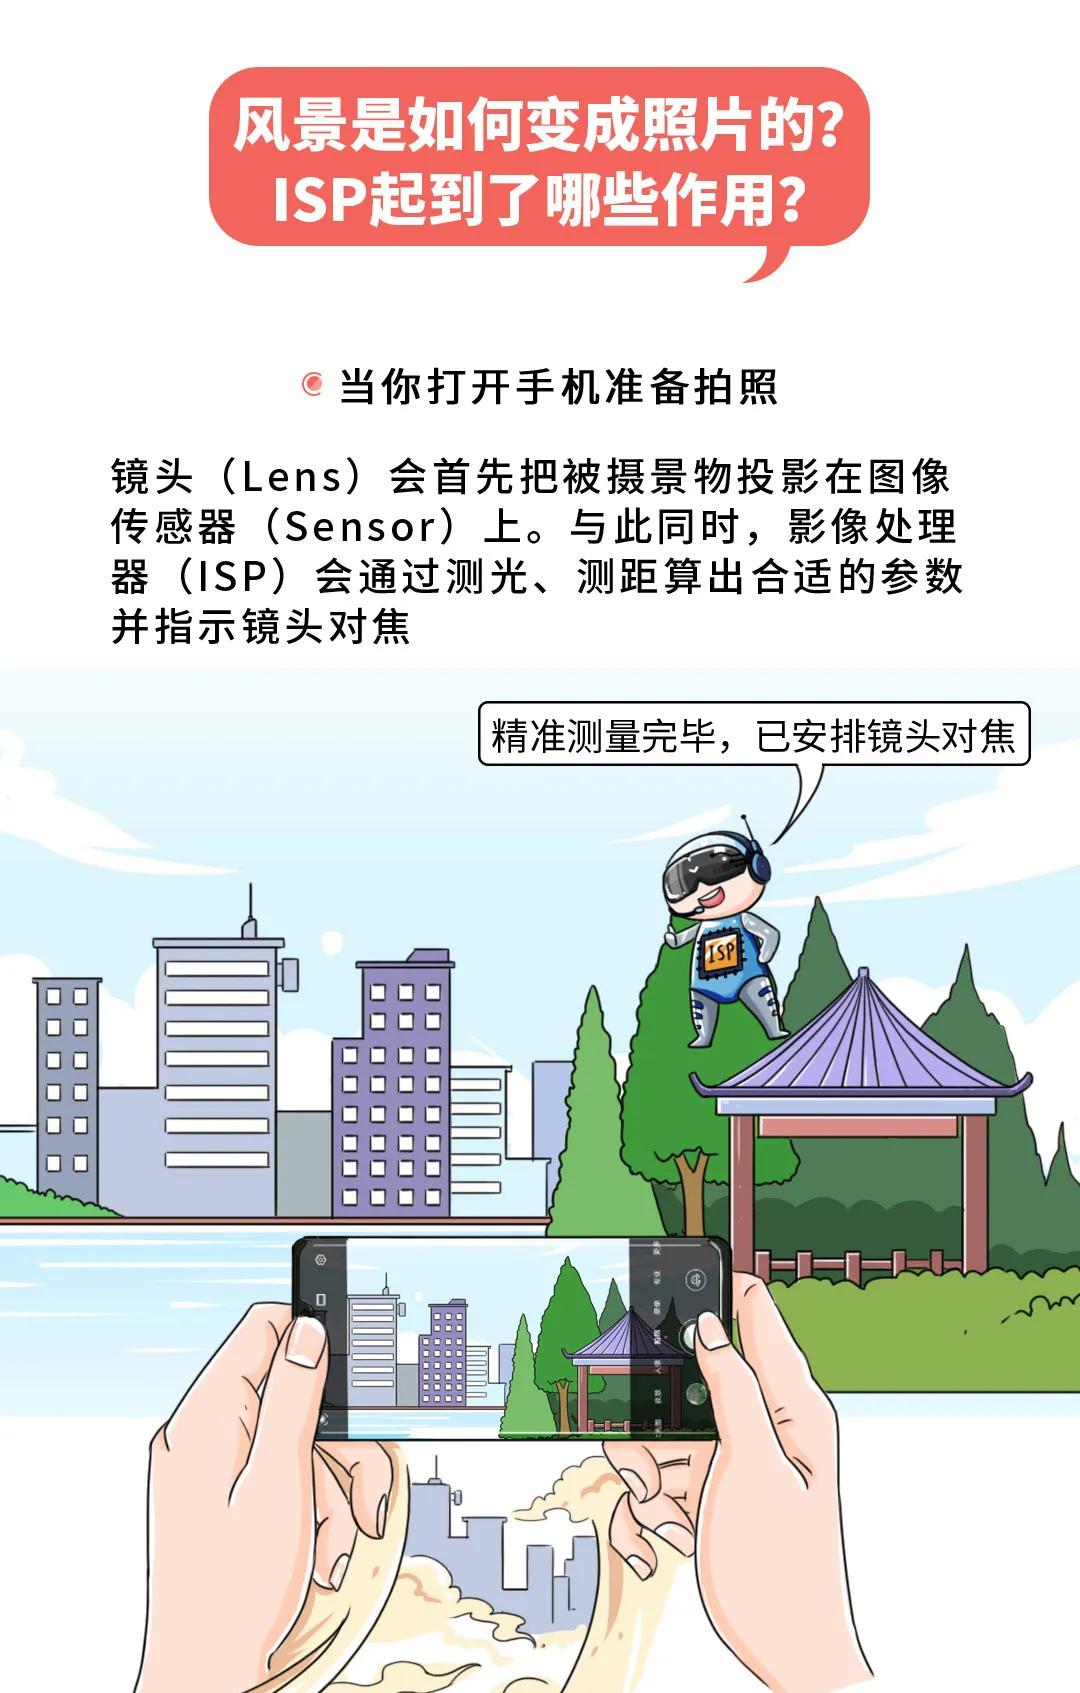 640-(1)_看图王_01.jpg